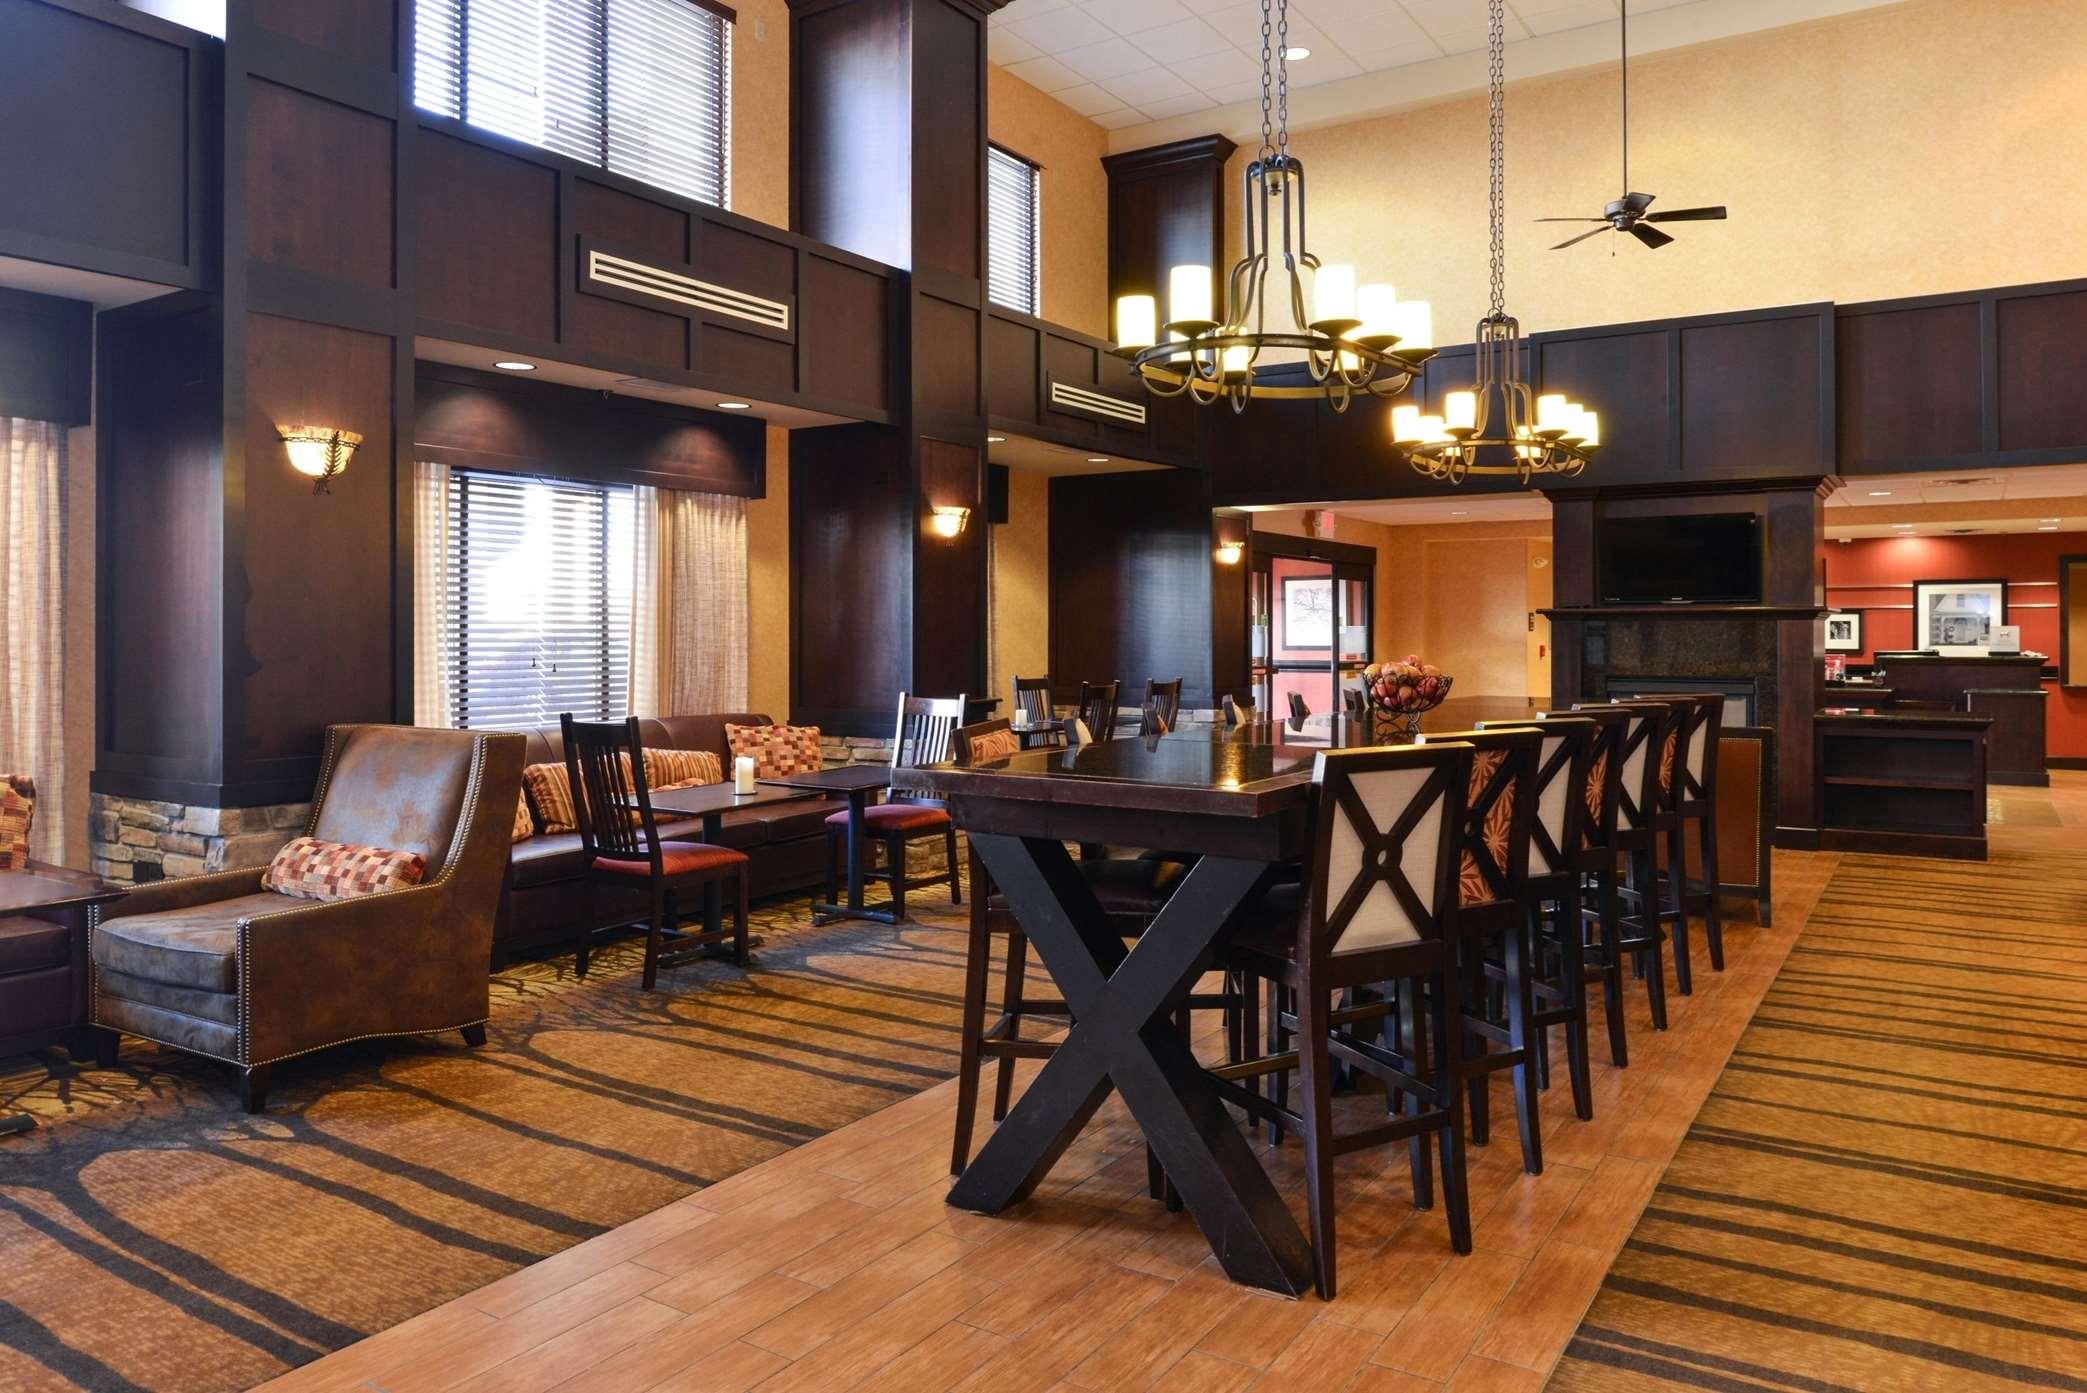 Hampton Inn & Suites Casper image 9